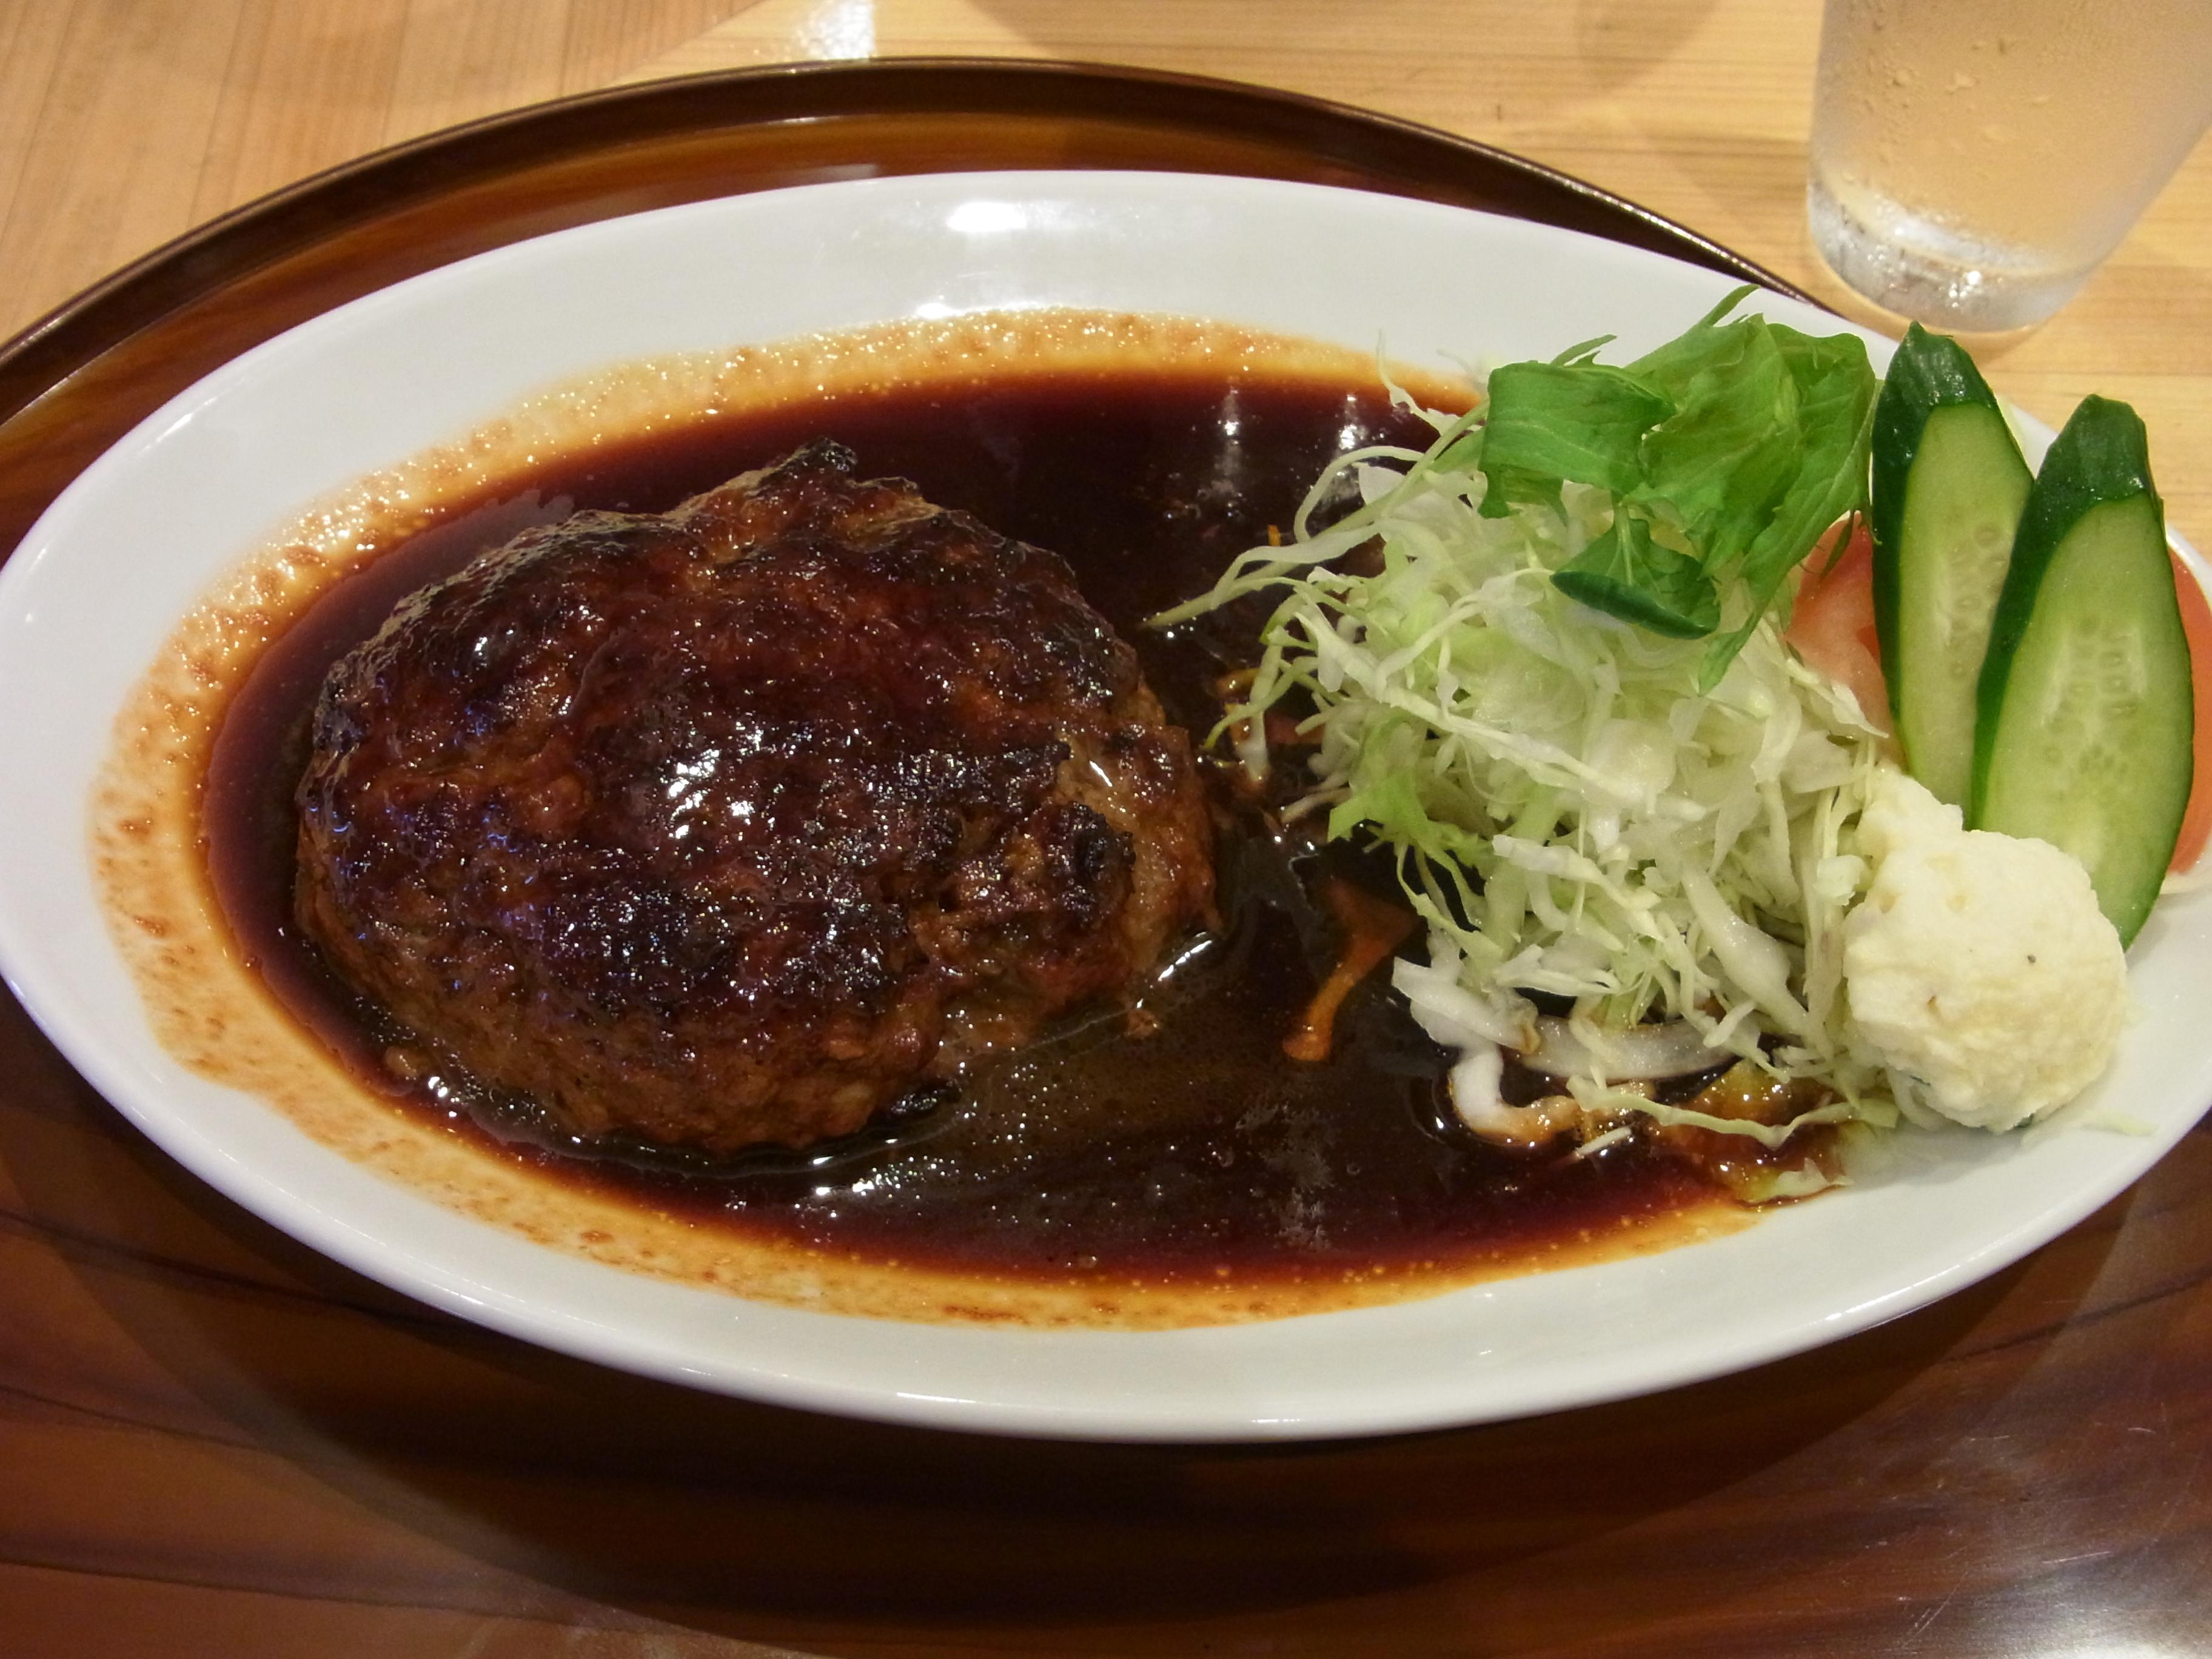 伊勢神宮 外宮近くの「豚捨」 とても美味しいお店でした!